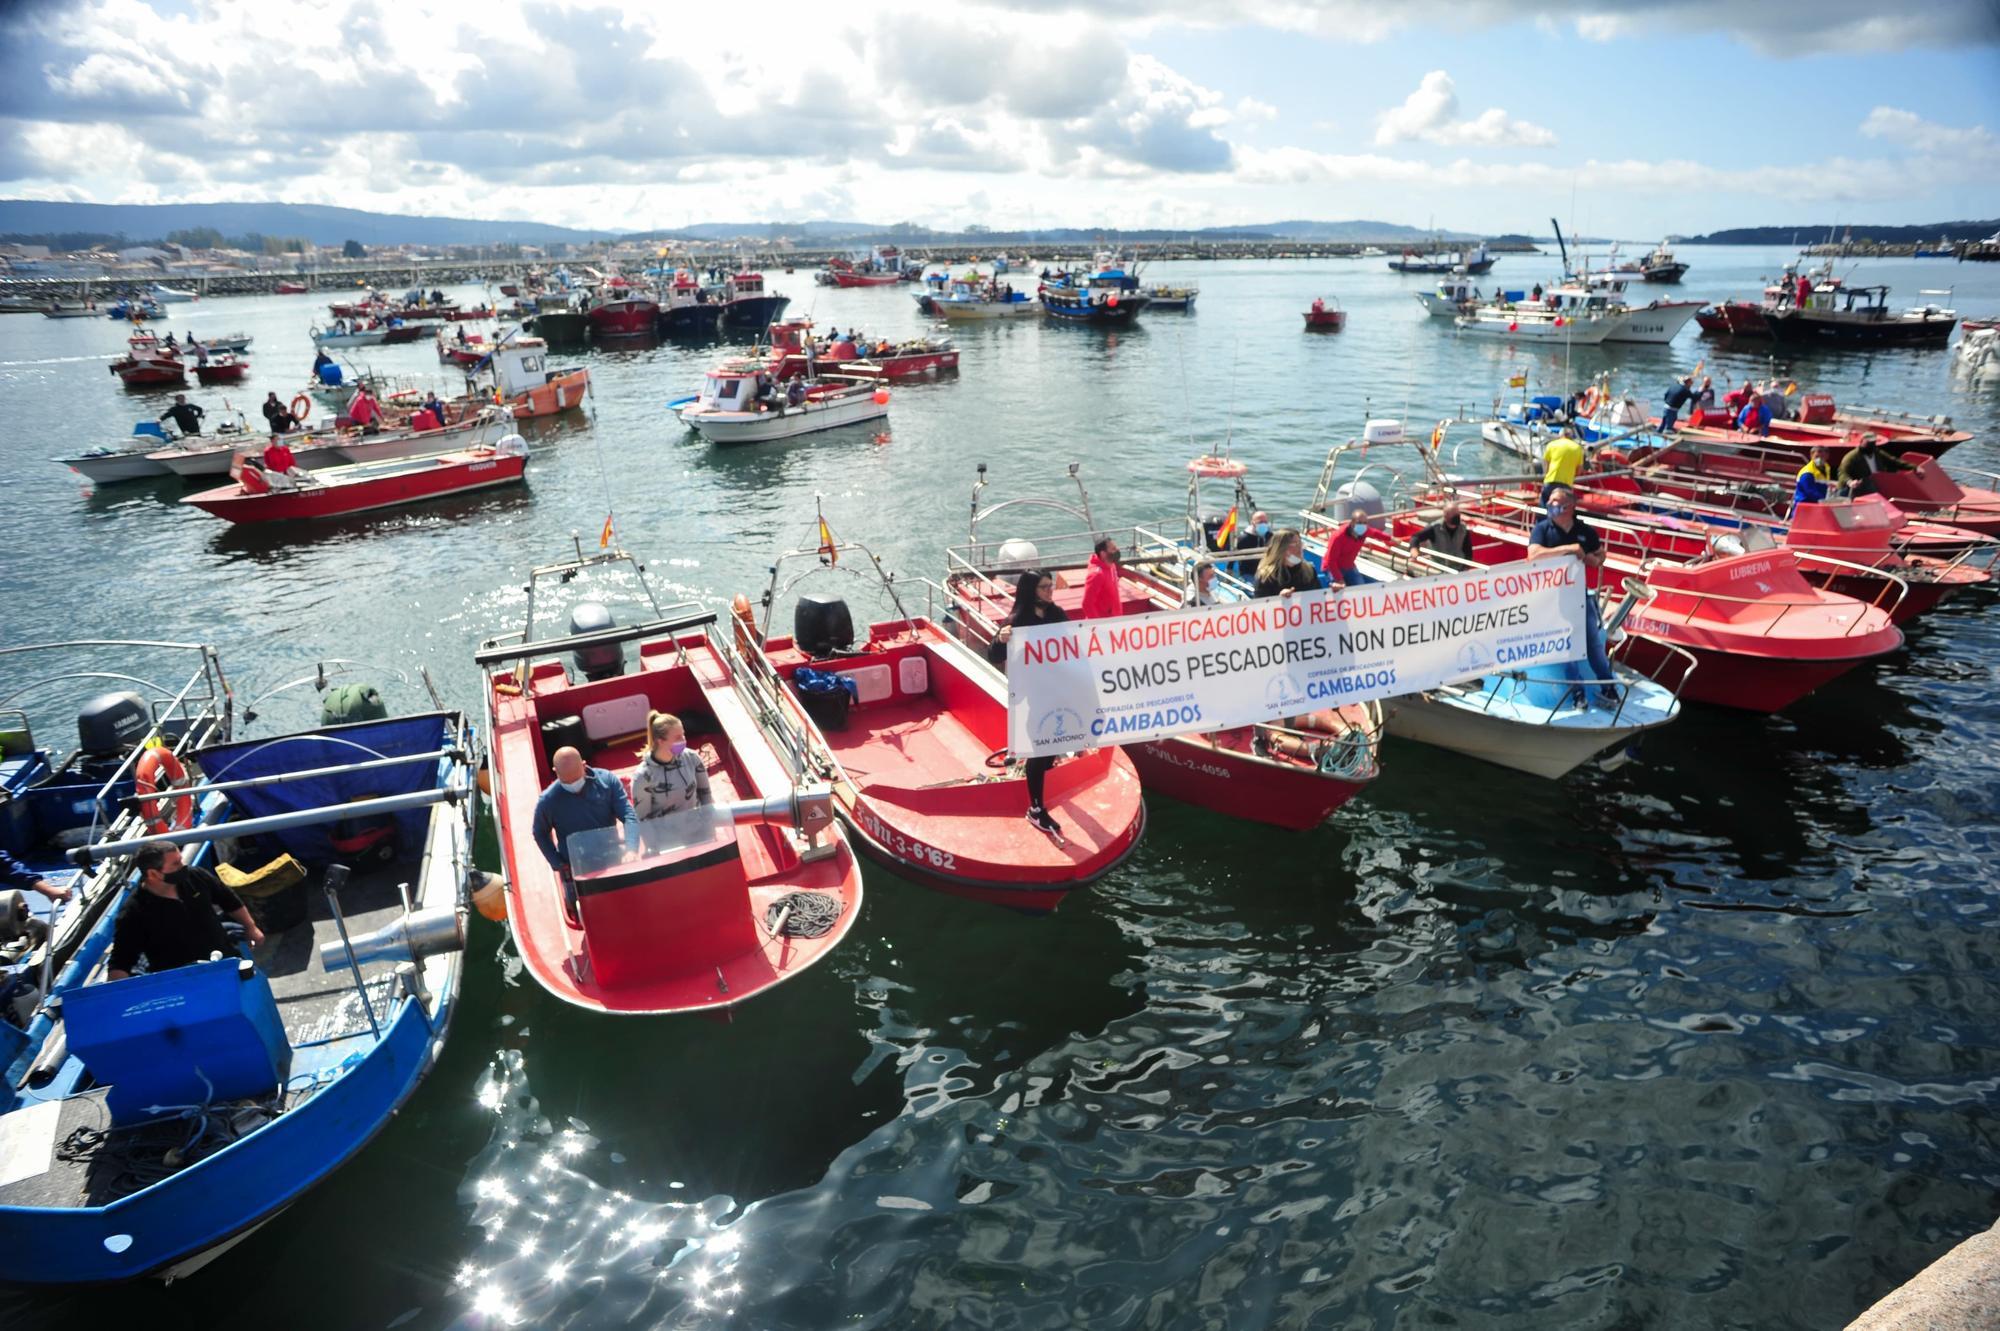 La protesta desarrollada por la flota de Cambados contra el reglamento de la UE, ayer.    Iñaki Abella (6)-min.jpg